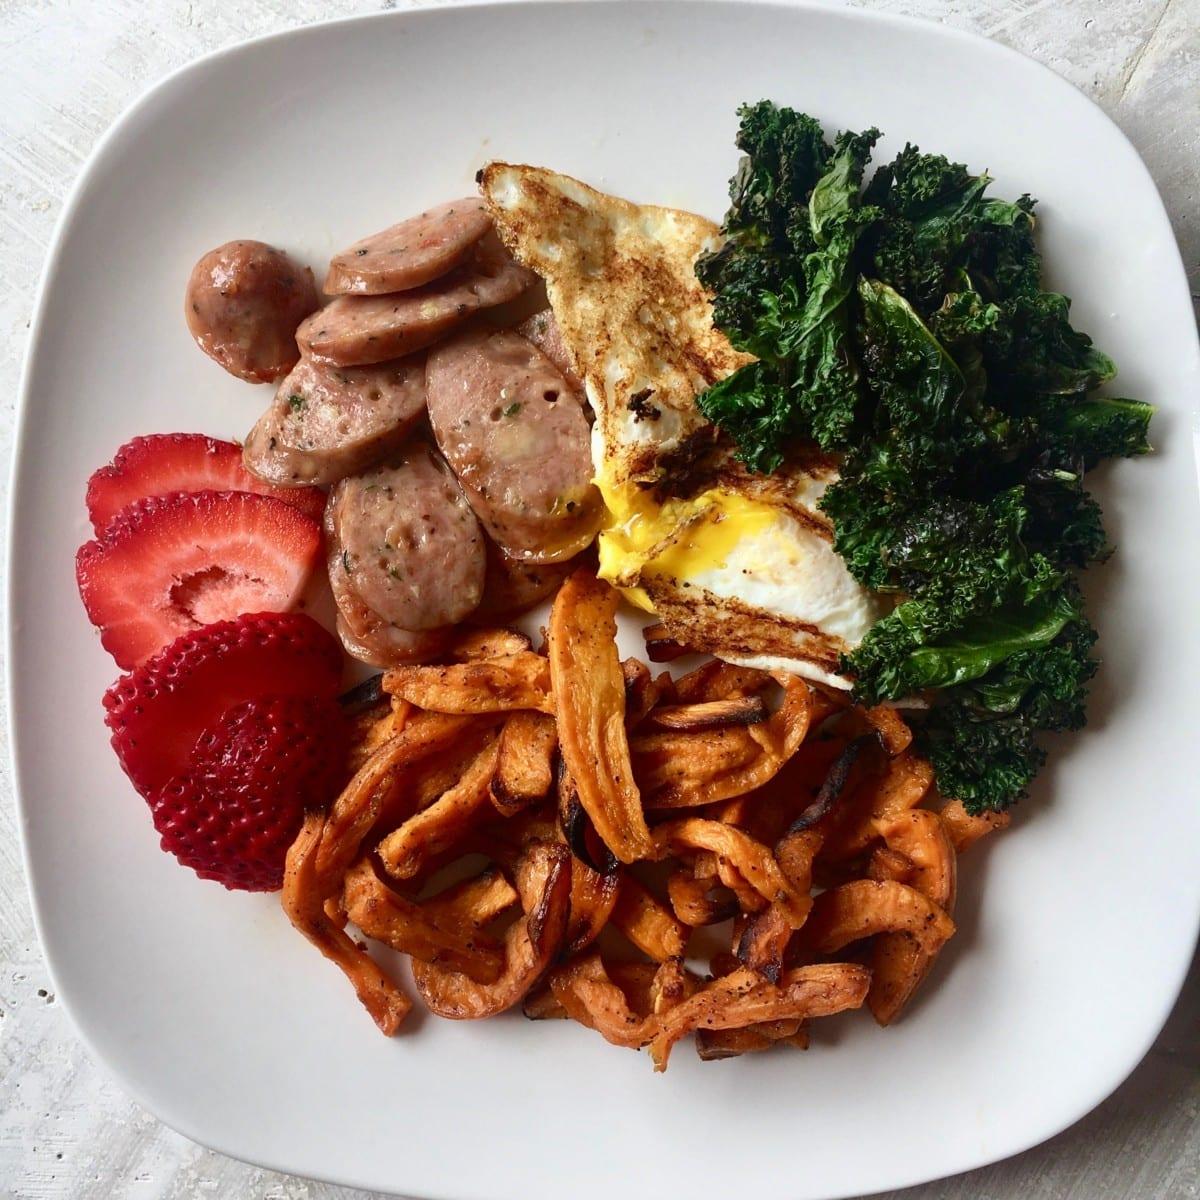 healthy in real life series kickoff - fit mama real food radio #74